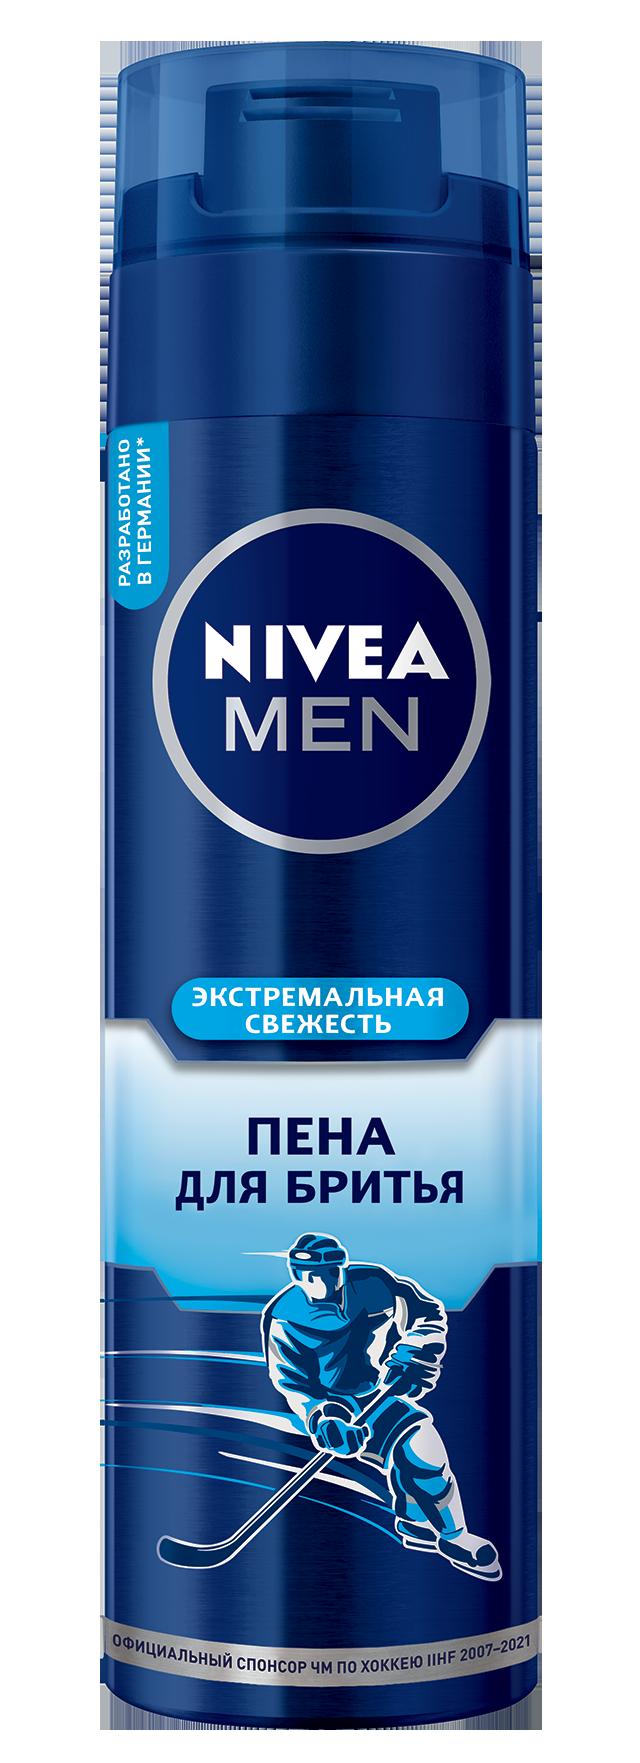 Пена для бритья NIVEA Освежающая 200 мл